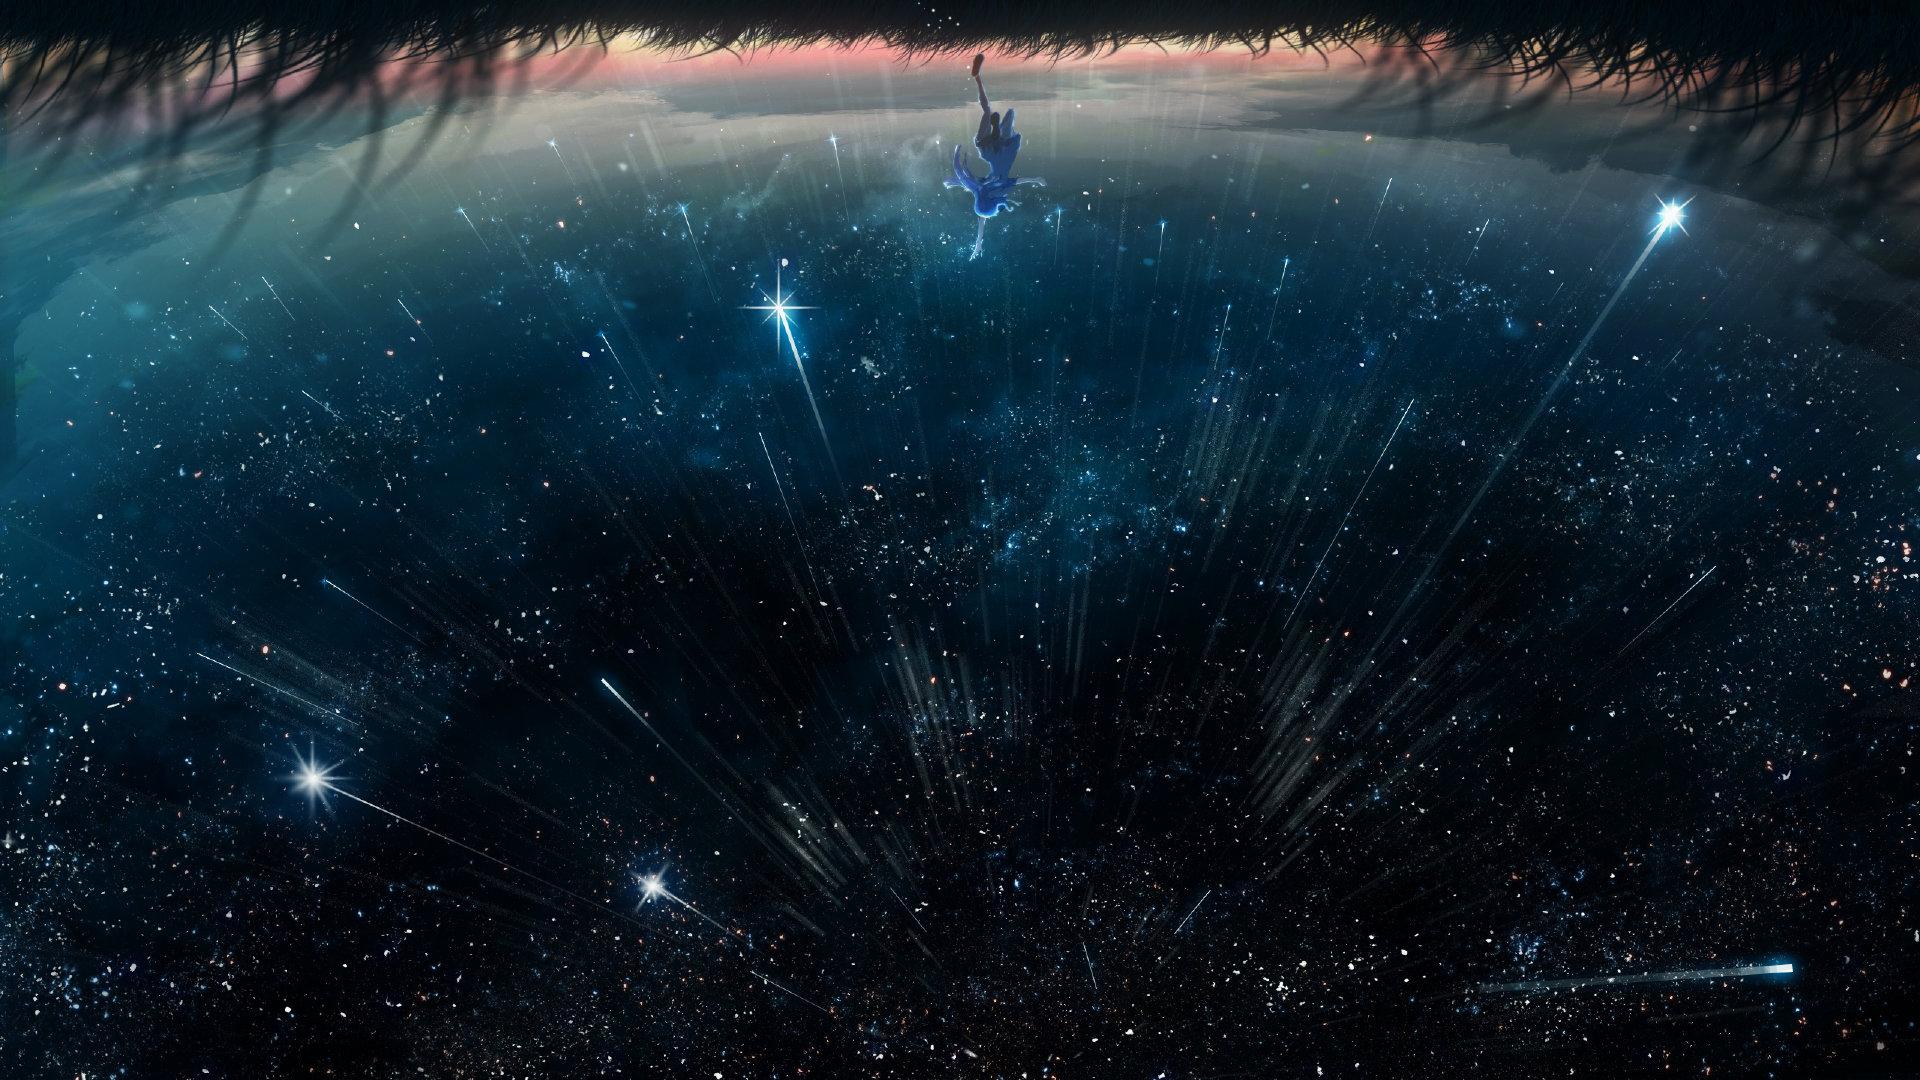 [美图推荐]夜空 星空 想念你的每个夜晚 电脑手机壁纸 手机壁纸-第1张